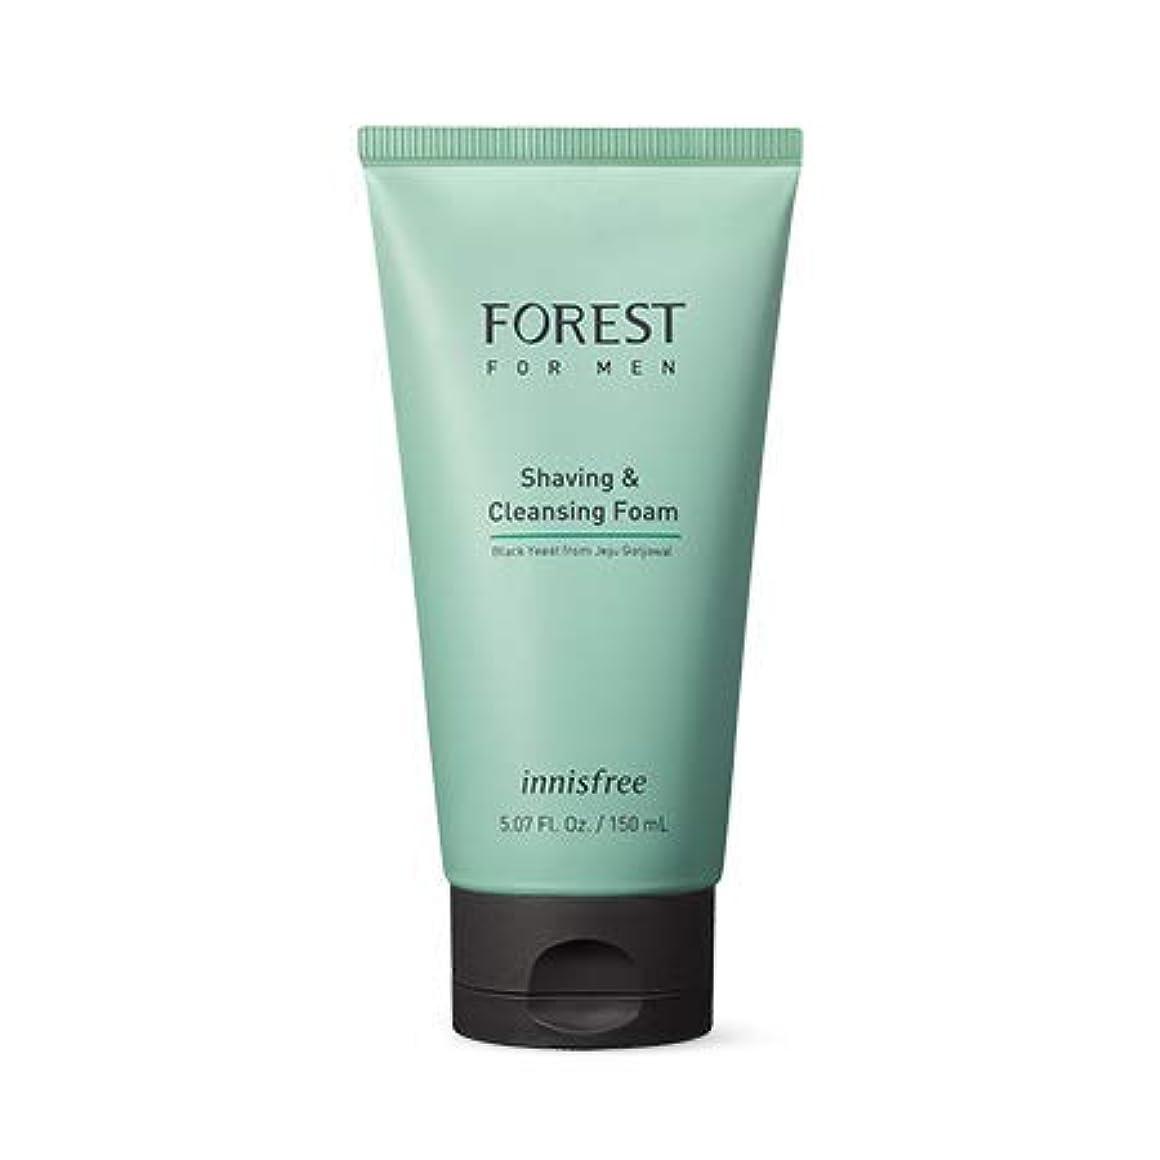 ネスト剪断再び[イニスフリー.innisfree]フォレストフォアマンシェービング&クレンジングフォーム150mL(2019.05新製品)/ Forest for Men Shaving&Cleansing Foam